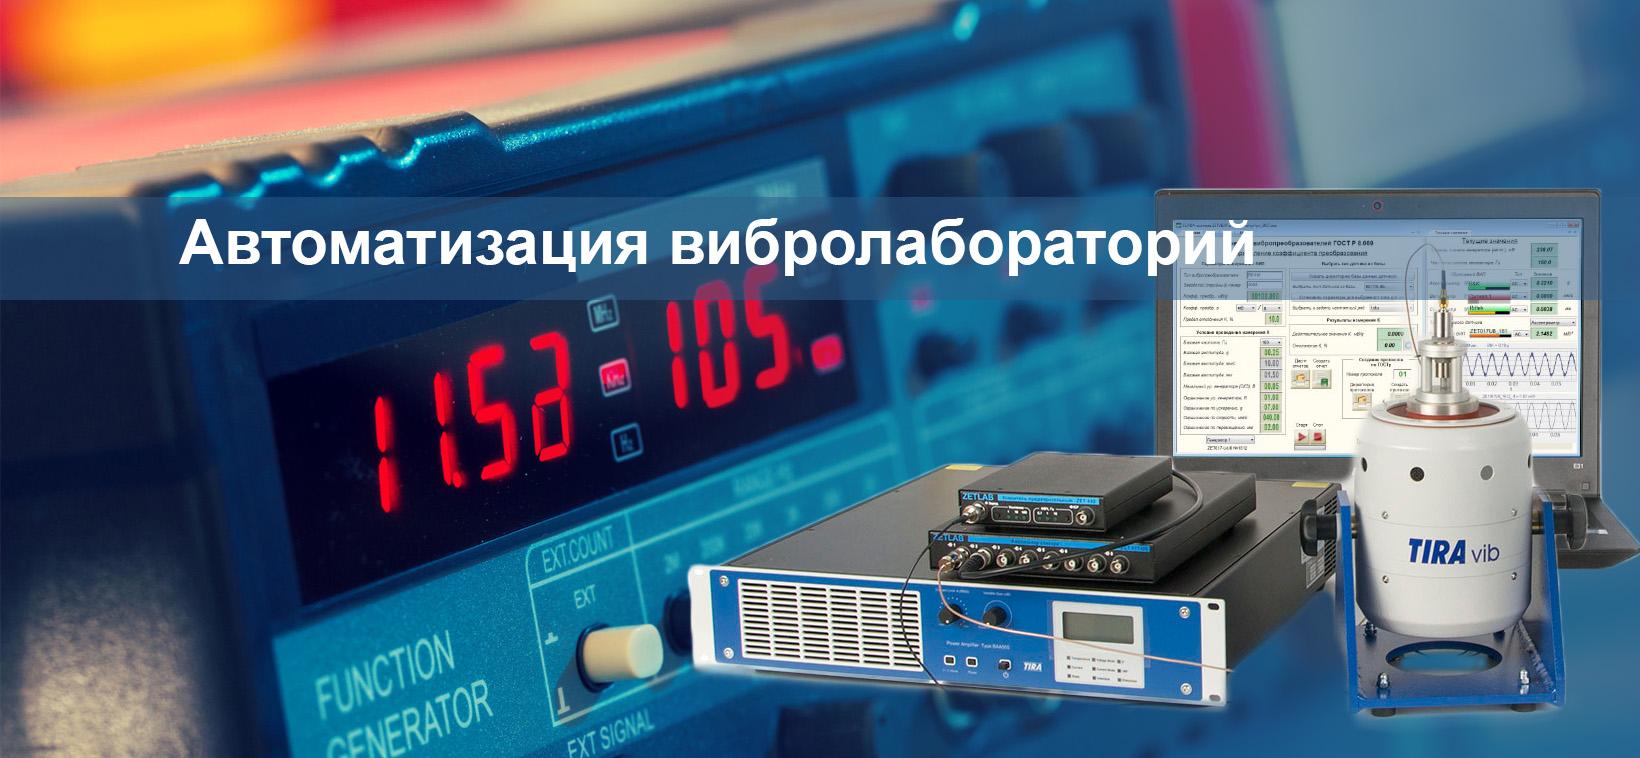 Avtomatizatsiya-vibrolaboratoriy